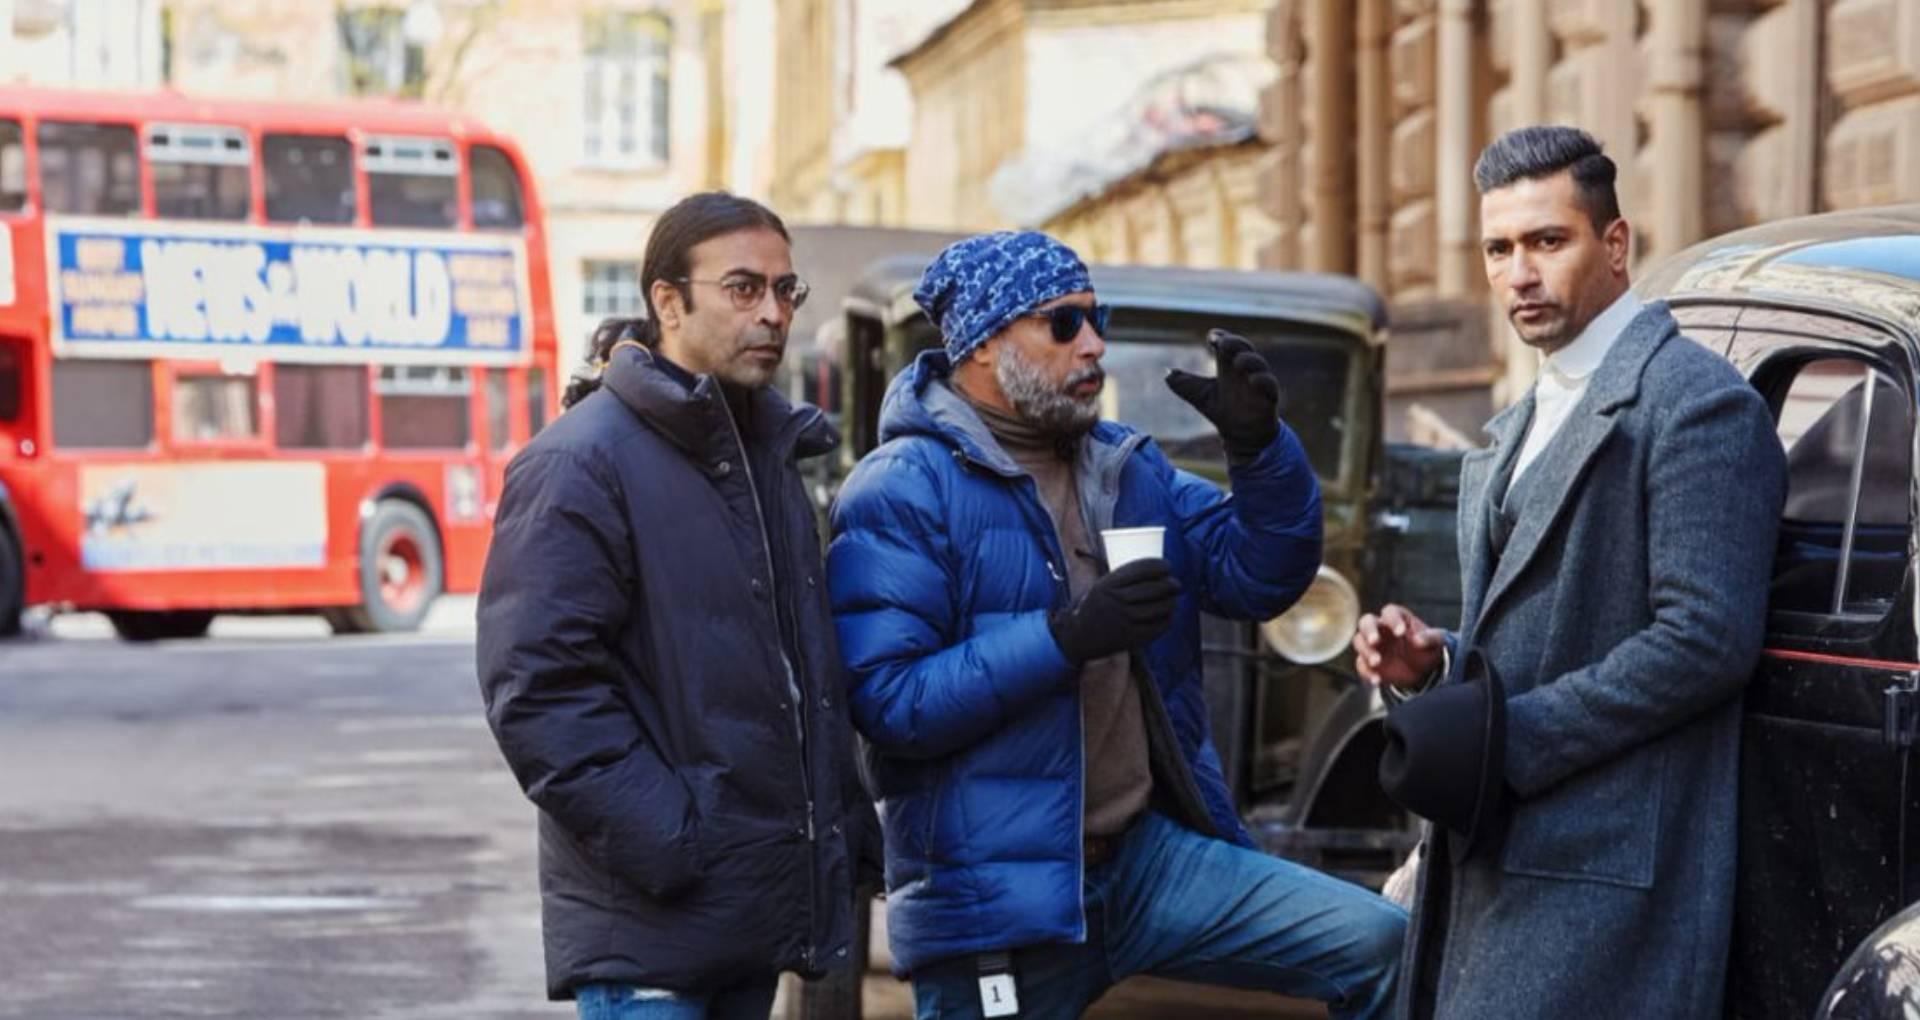 विक्की कौशल नहीं, बल्कि ये अभिनेता थे 'सरदार उधम सिंह' के लिए शूजित सरकार की पहली पसंद, जानें कौन है वो?